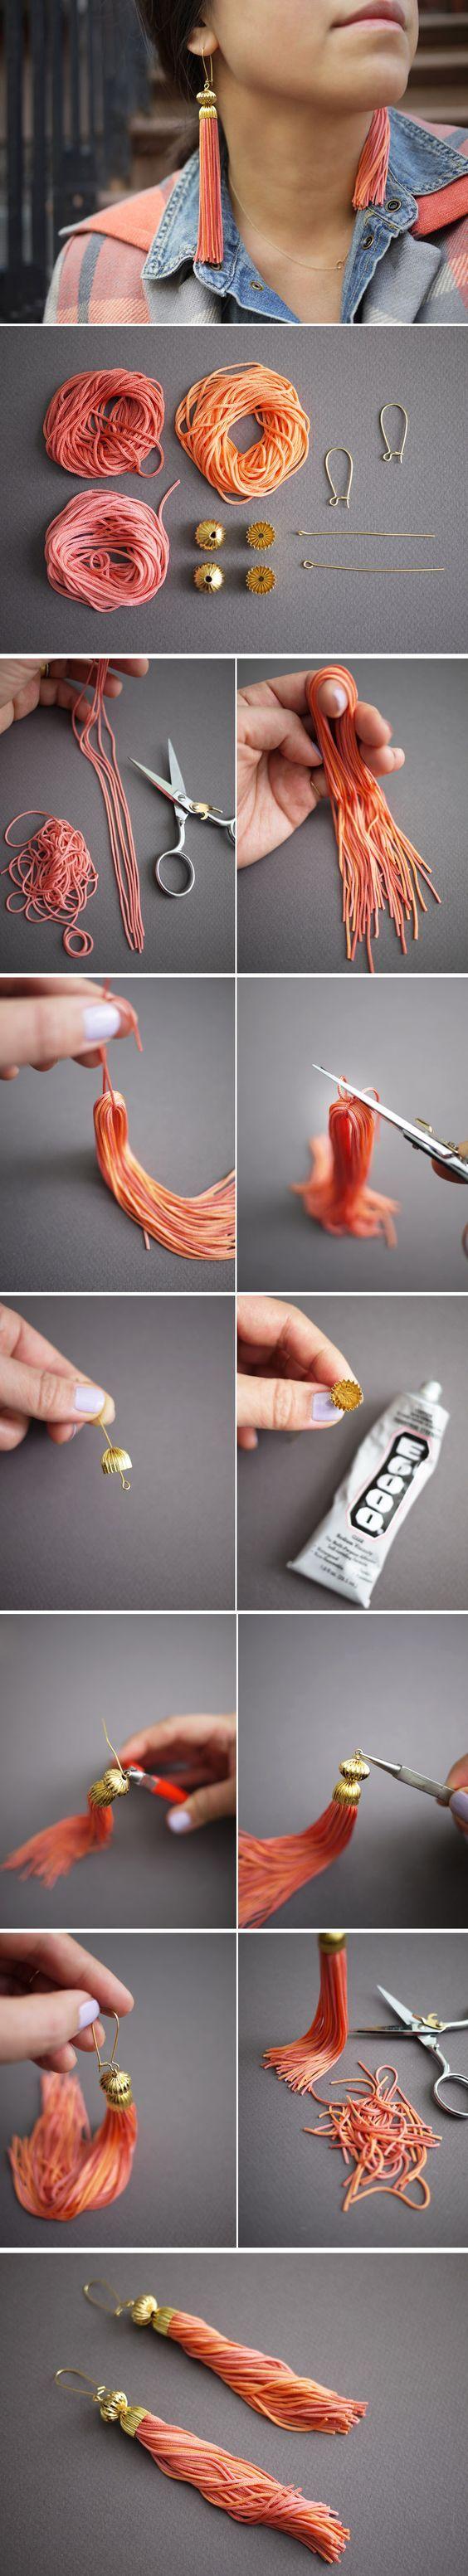 Increíbles y fáciles de hacer tutoriales de pendientes de borla de bricolaje, tienes que probar ahora – DIY crafting